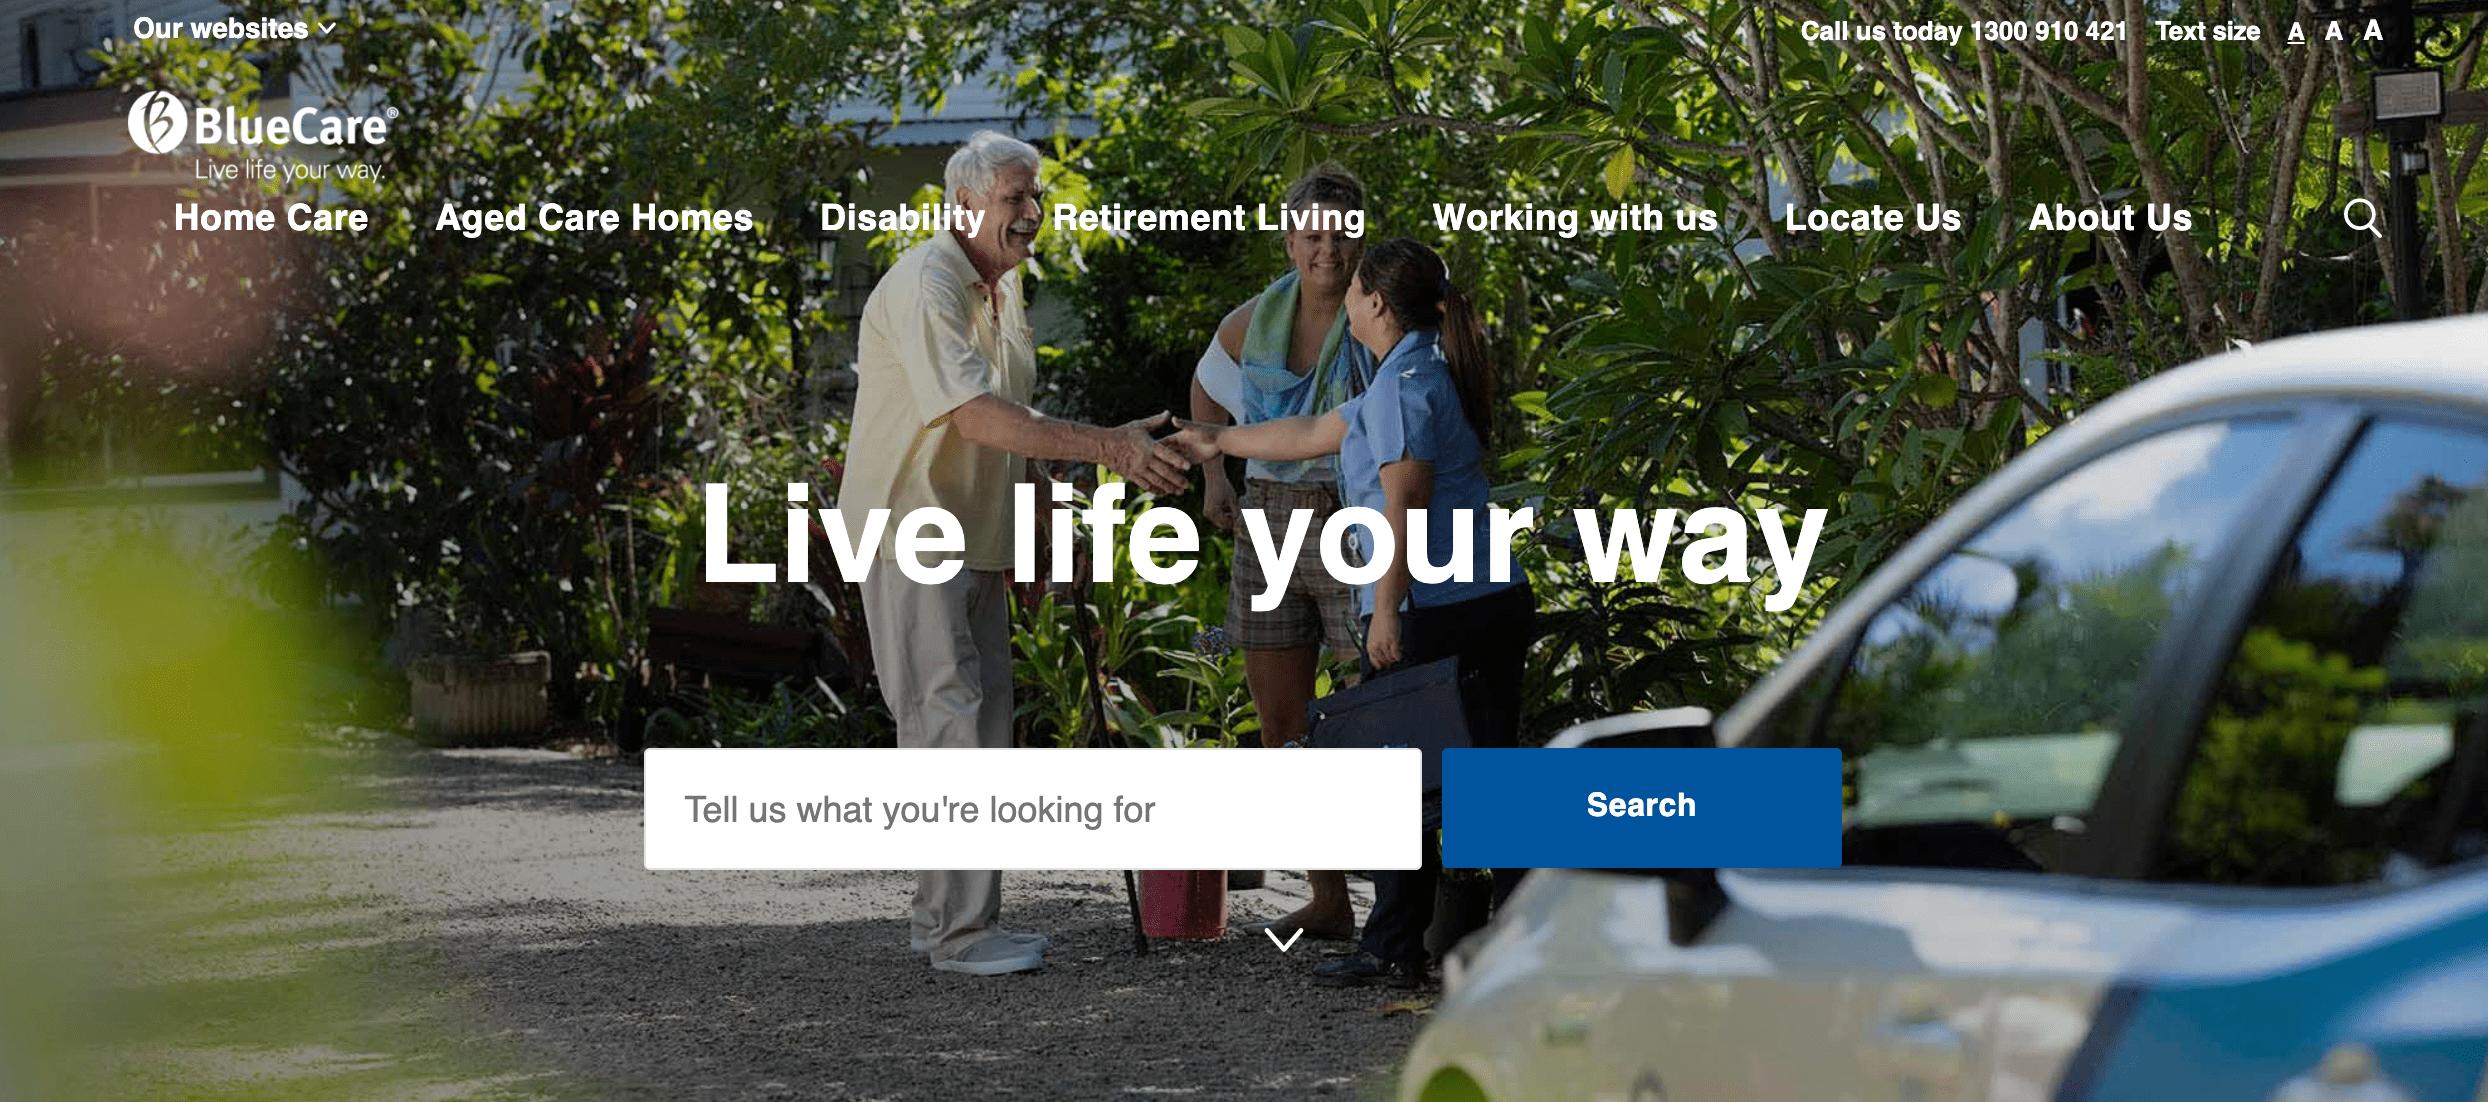 desktop view of bluecare website